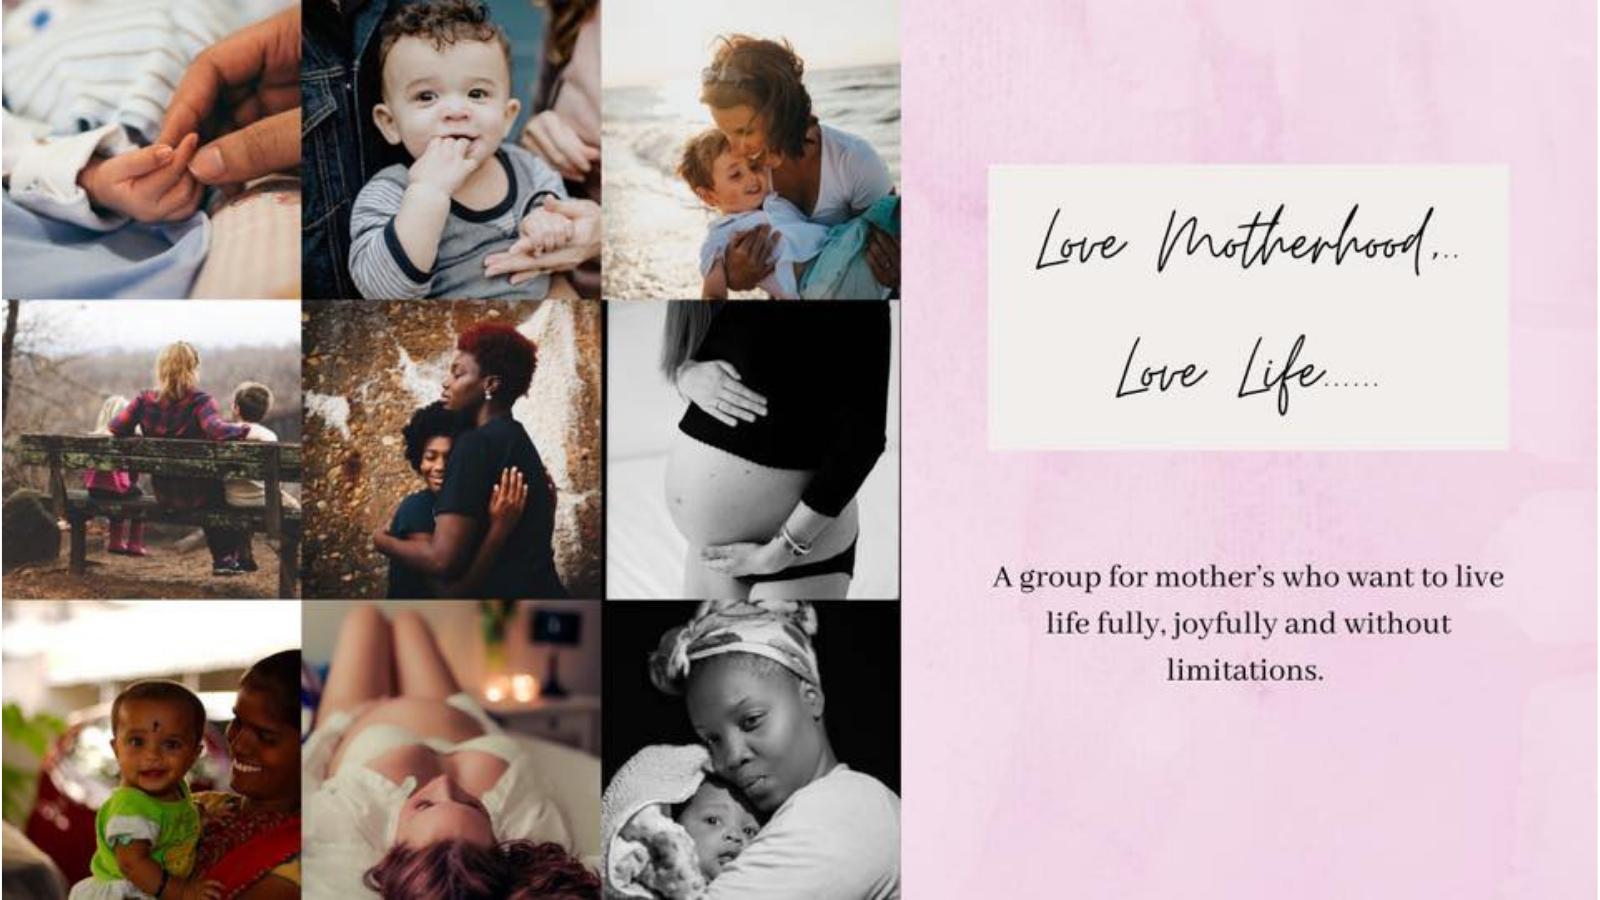 Love Motherhood Love Life